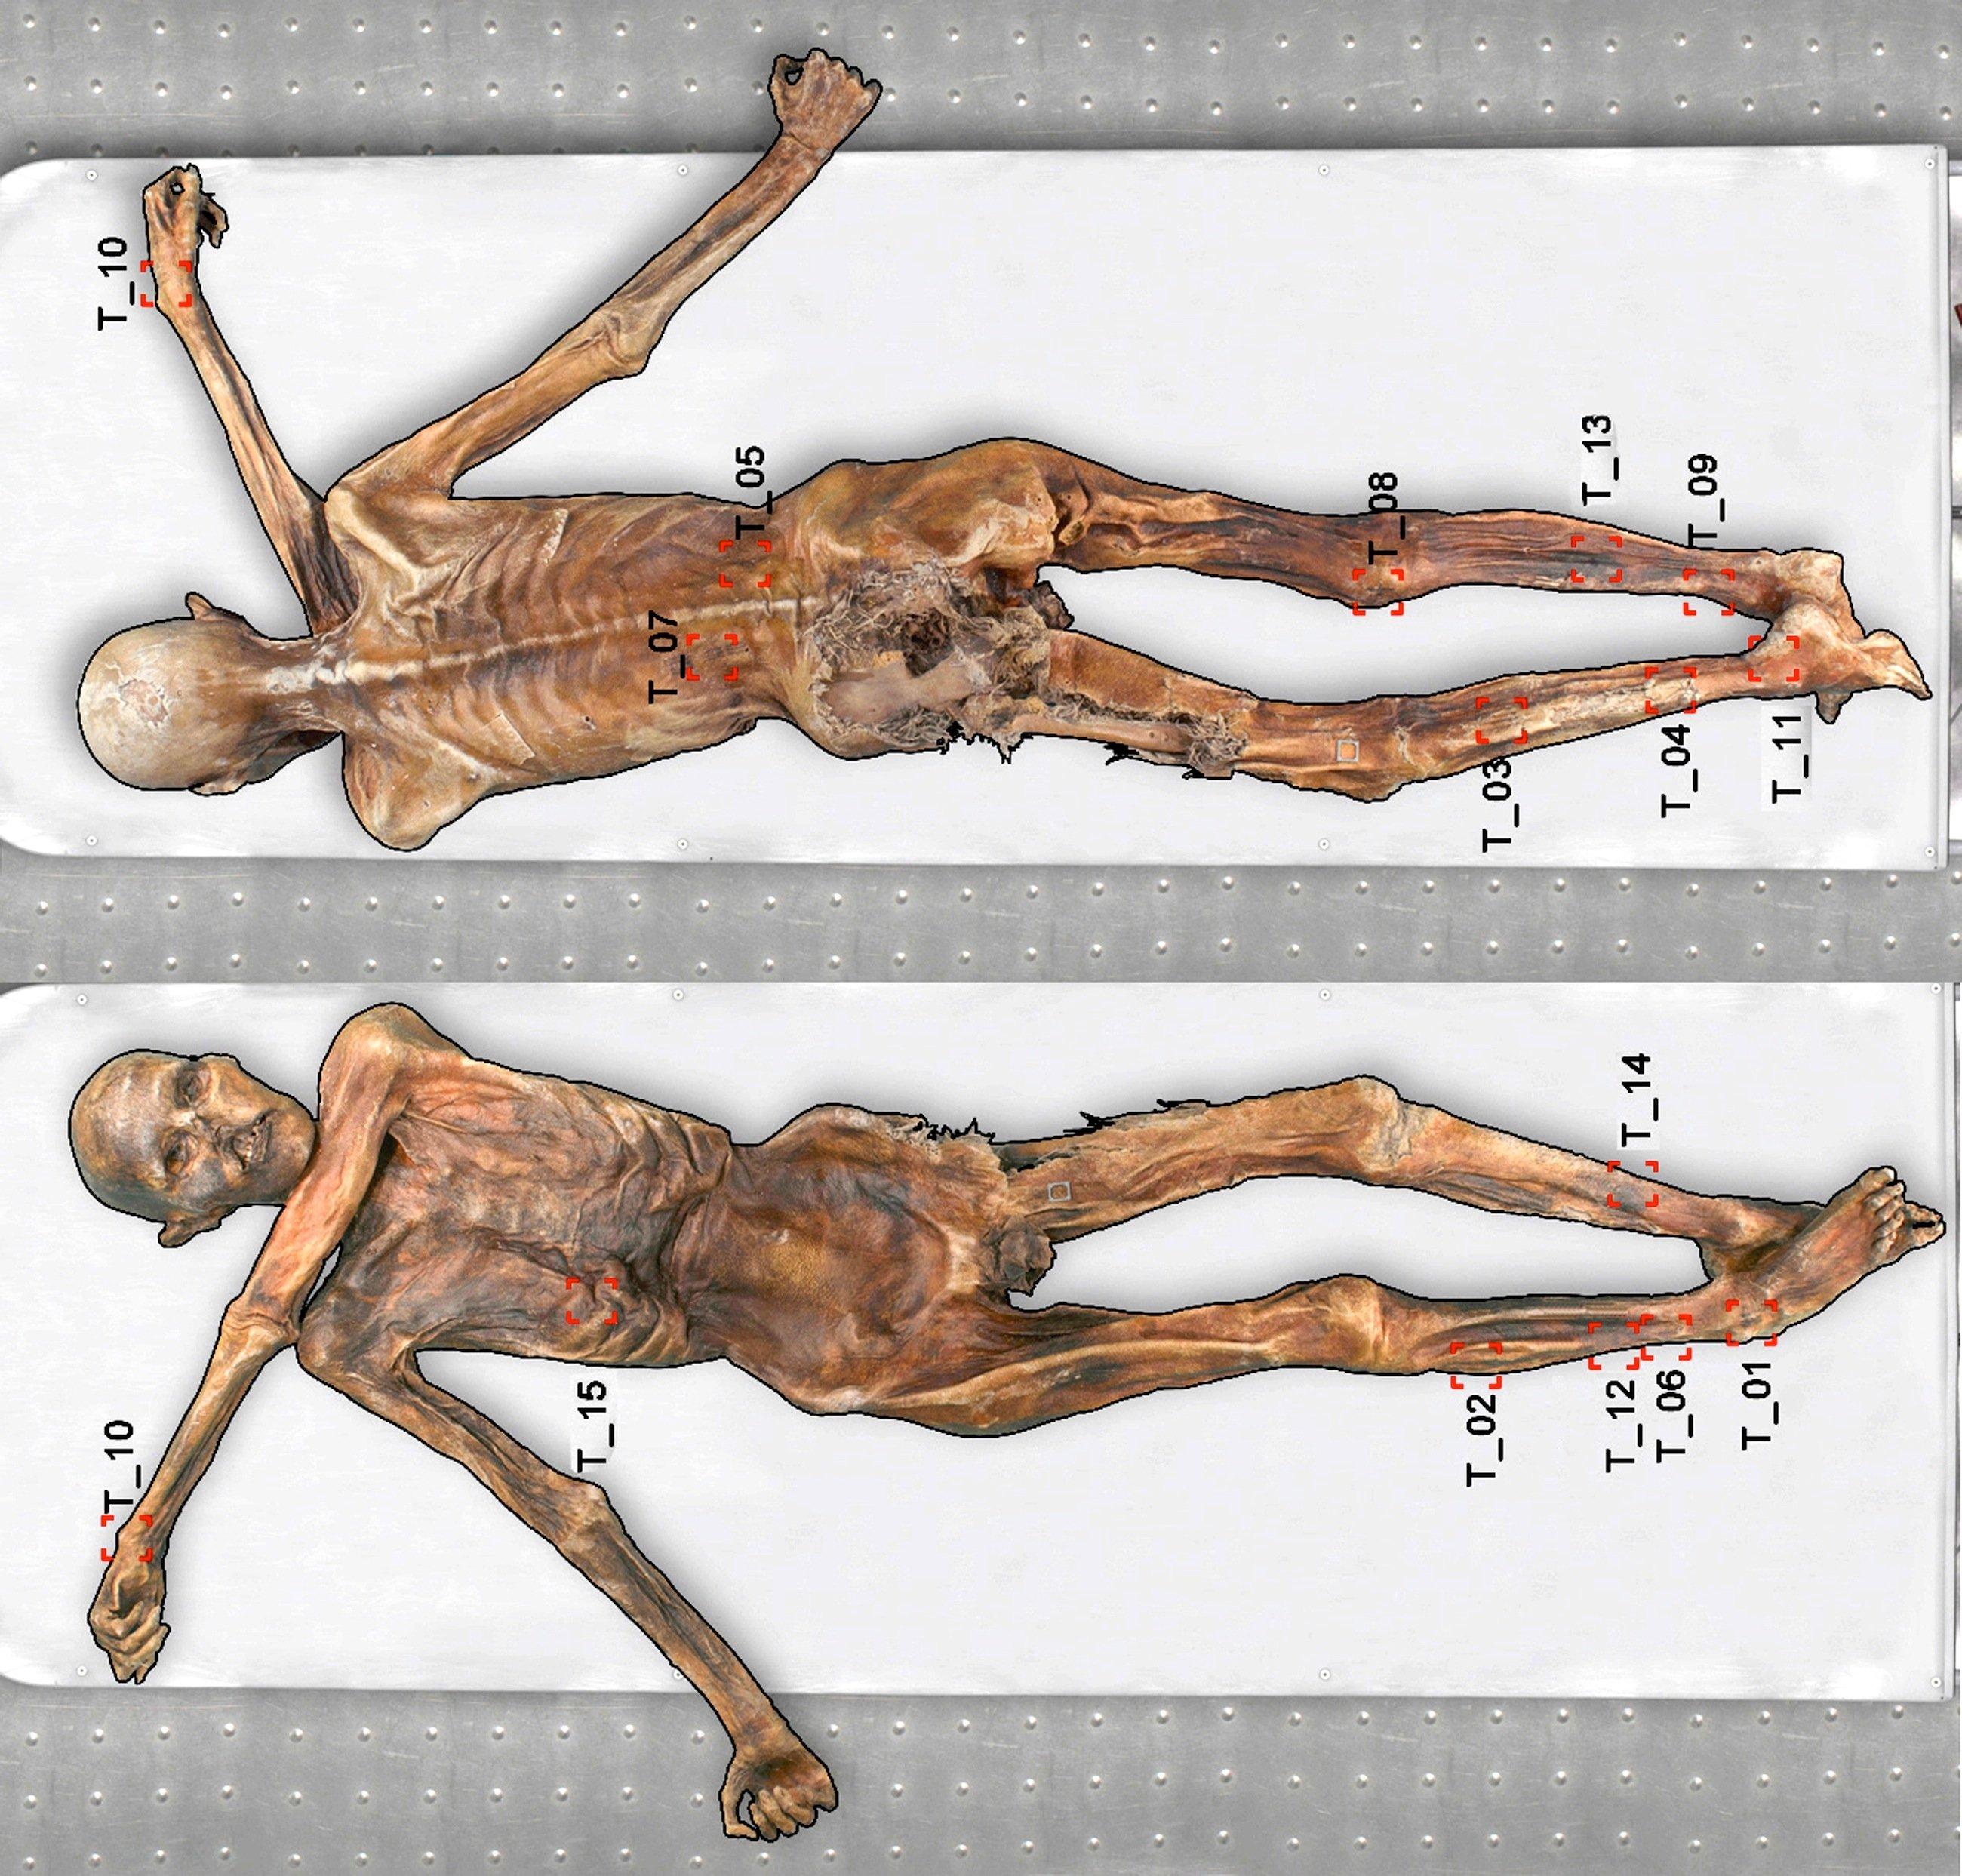 Kartierung aller Tätowierungen auf Ötzis Körper: Die Forscher in Bozen haben inzwischen 61 Tätowierungen auf der Haut entdeckt.